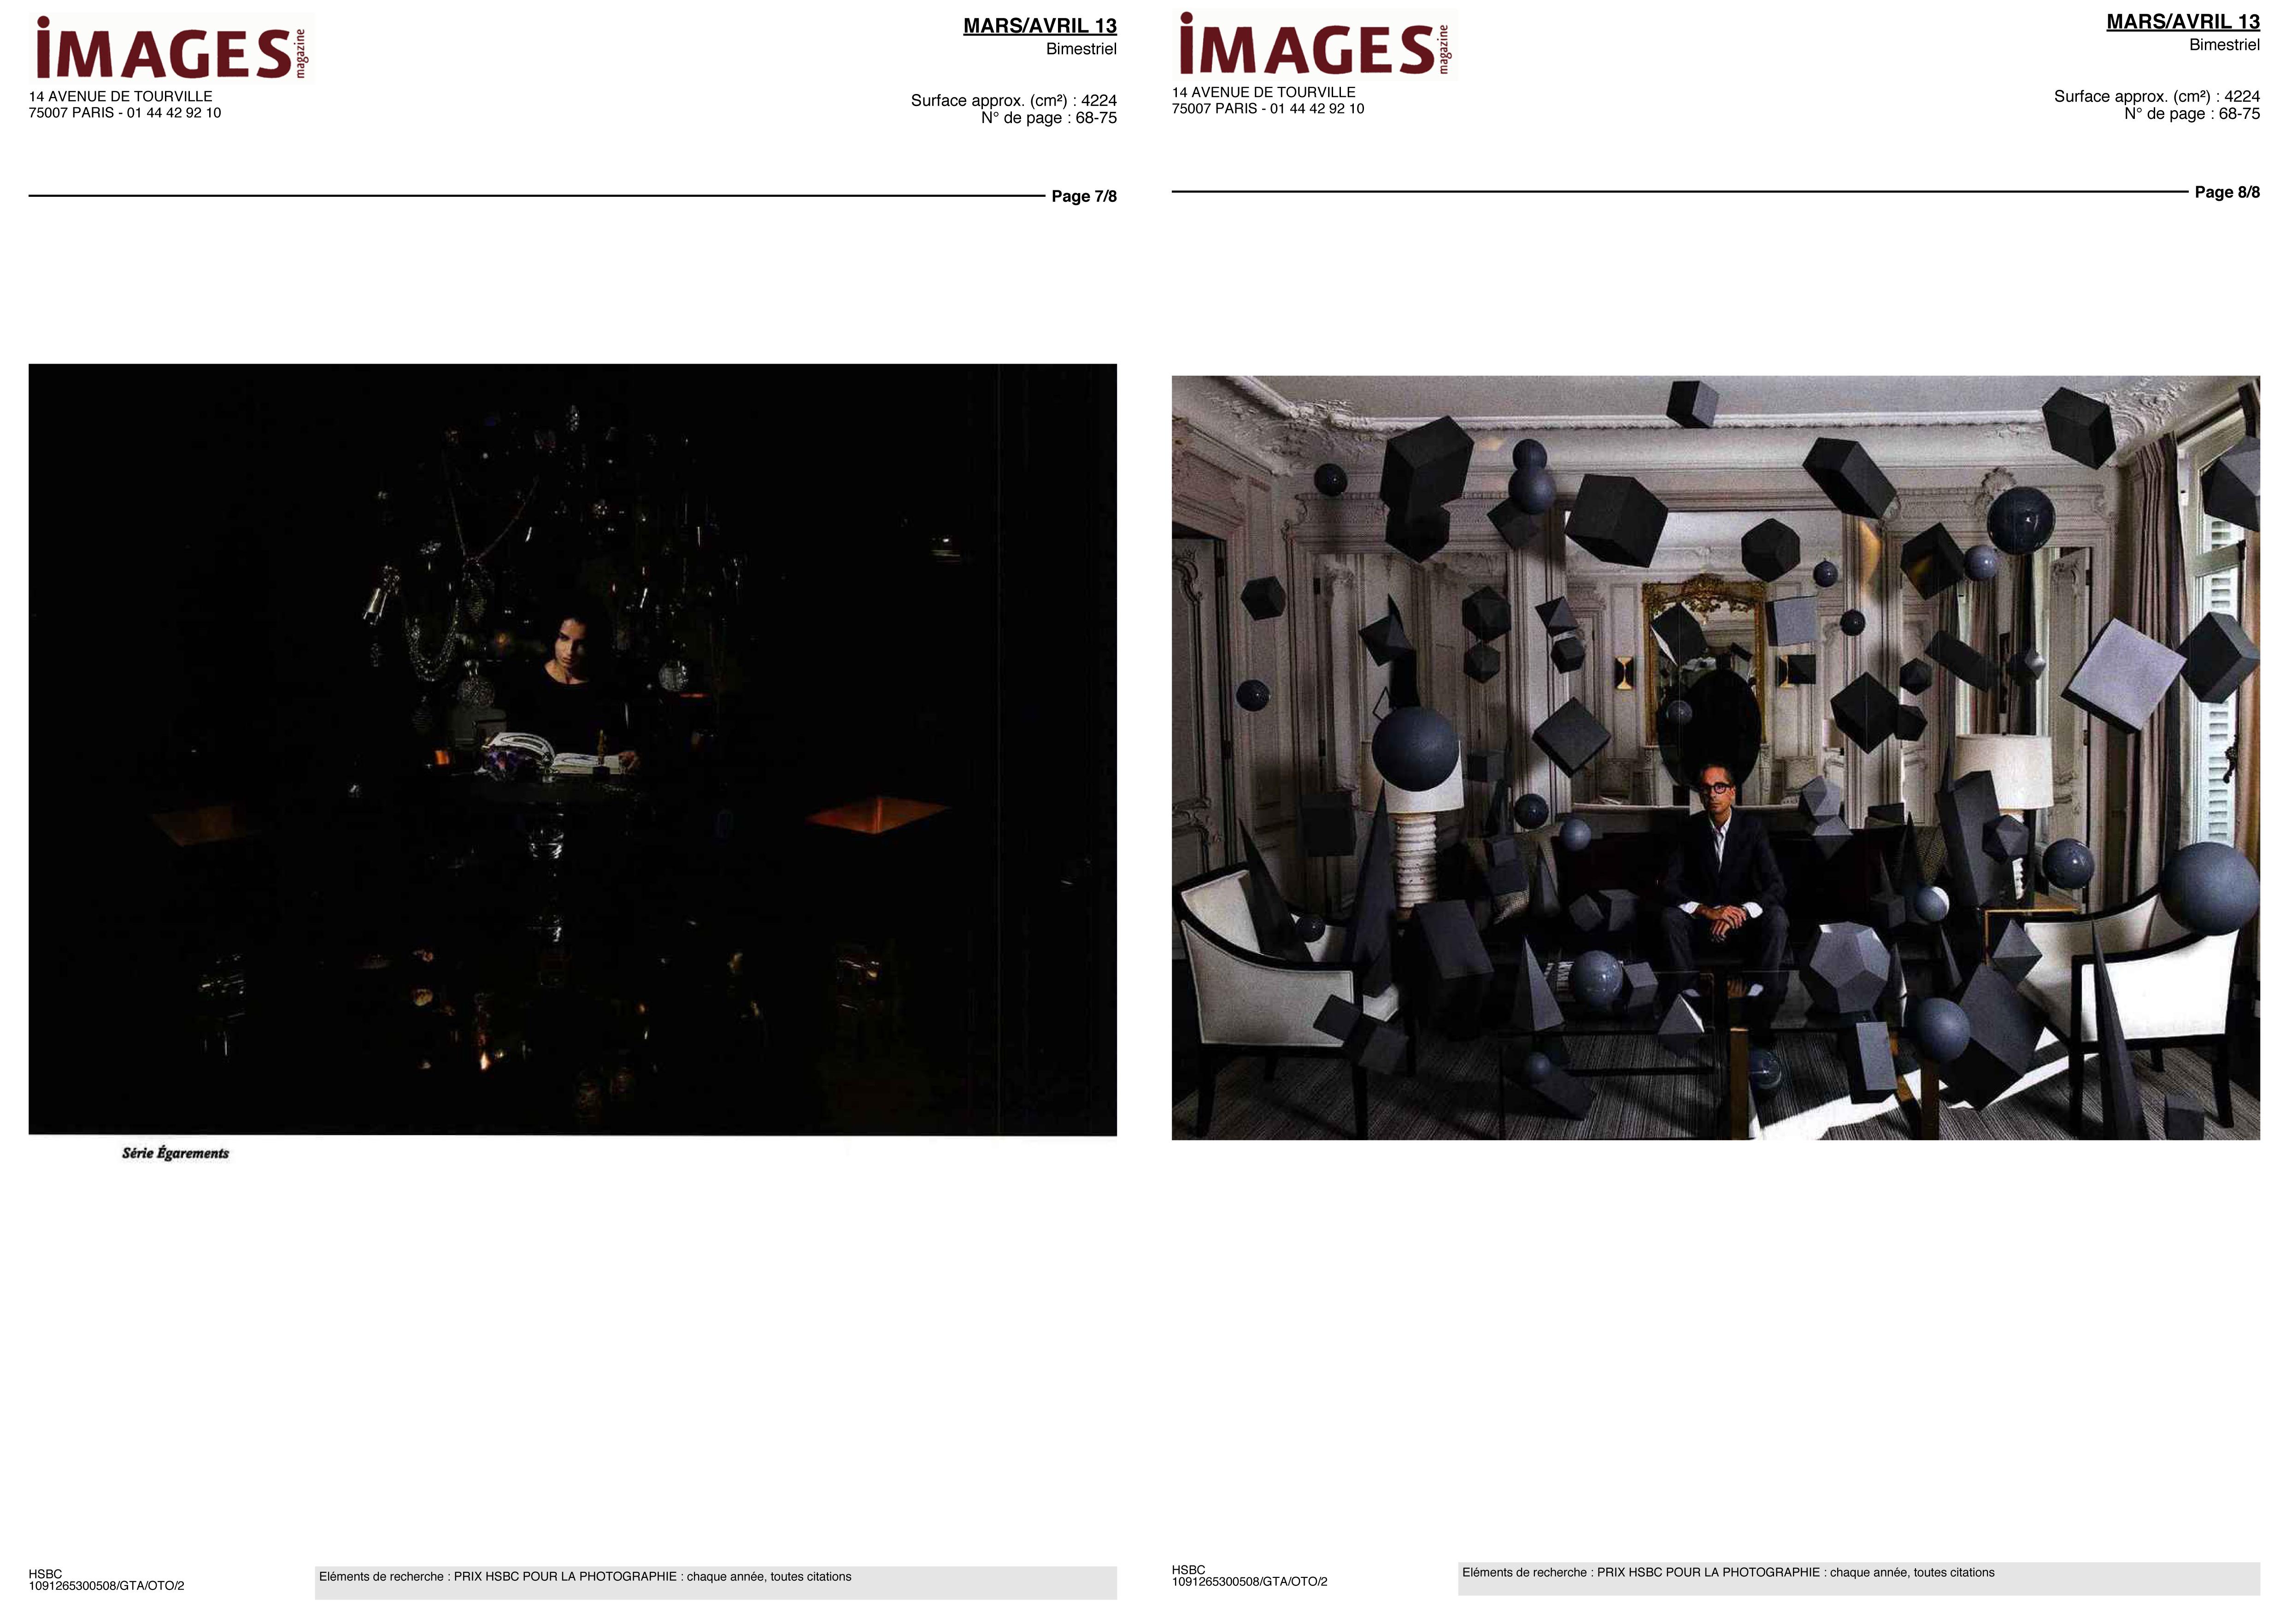 2013-03-13~1901@IMAGES_MAGAZINE-8